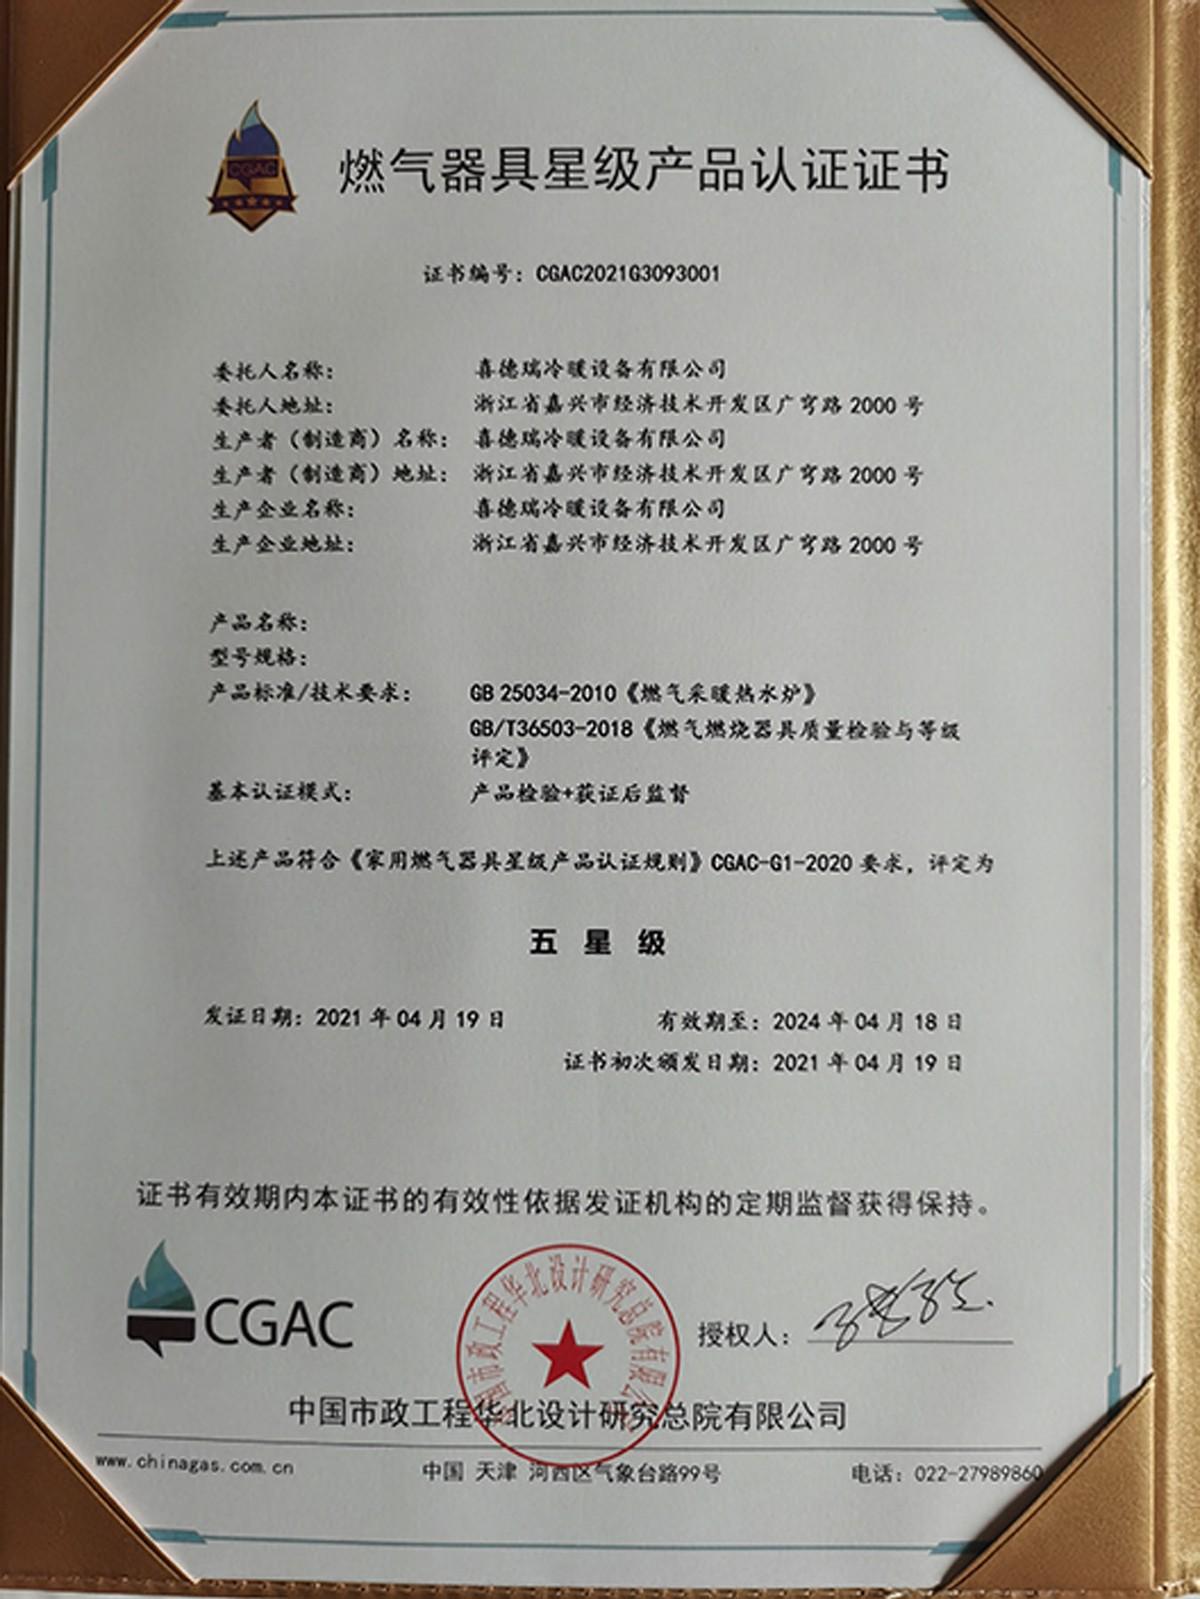 CGAC首批星级产品公布,喜德瑞喜获五星认证